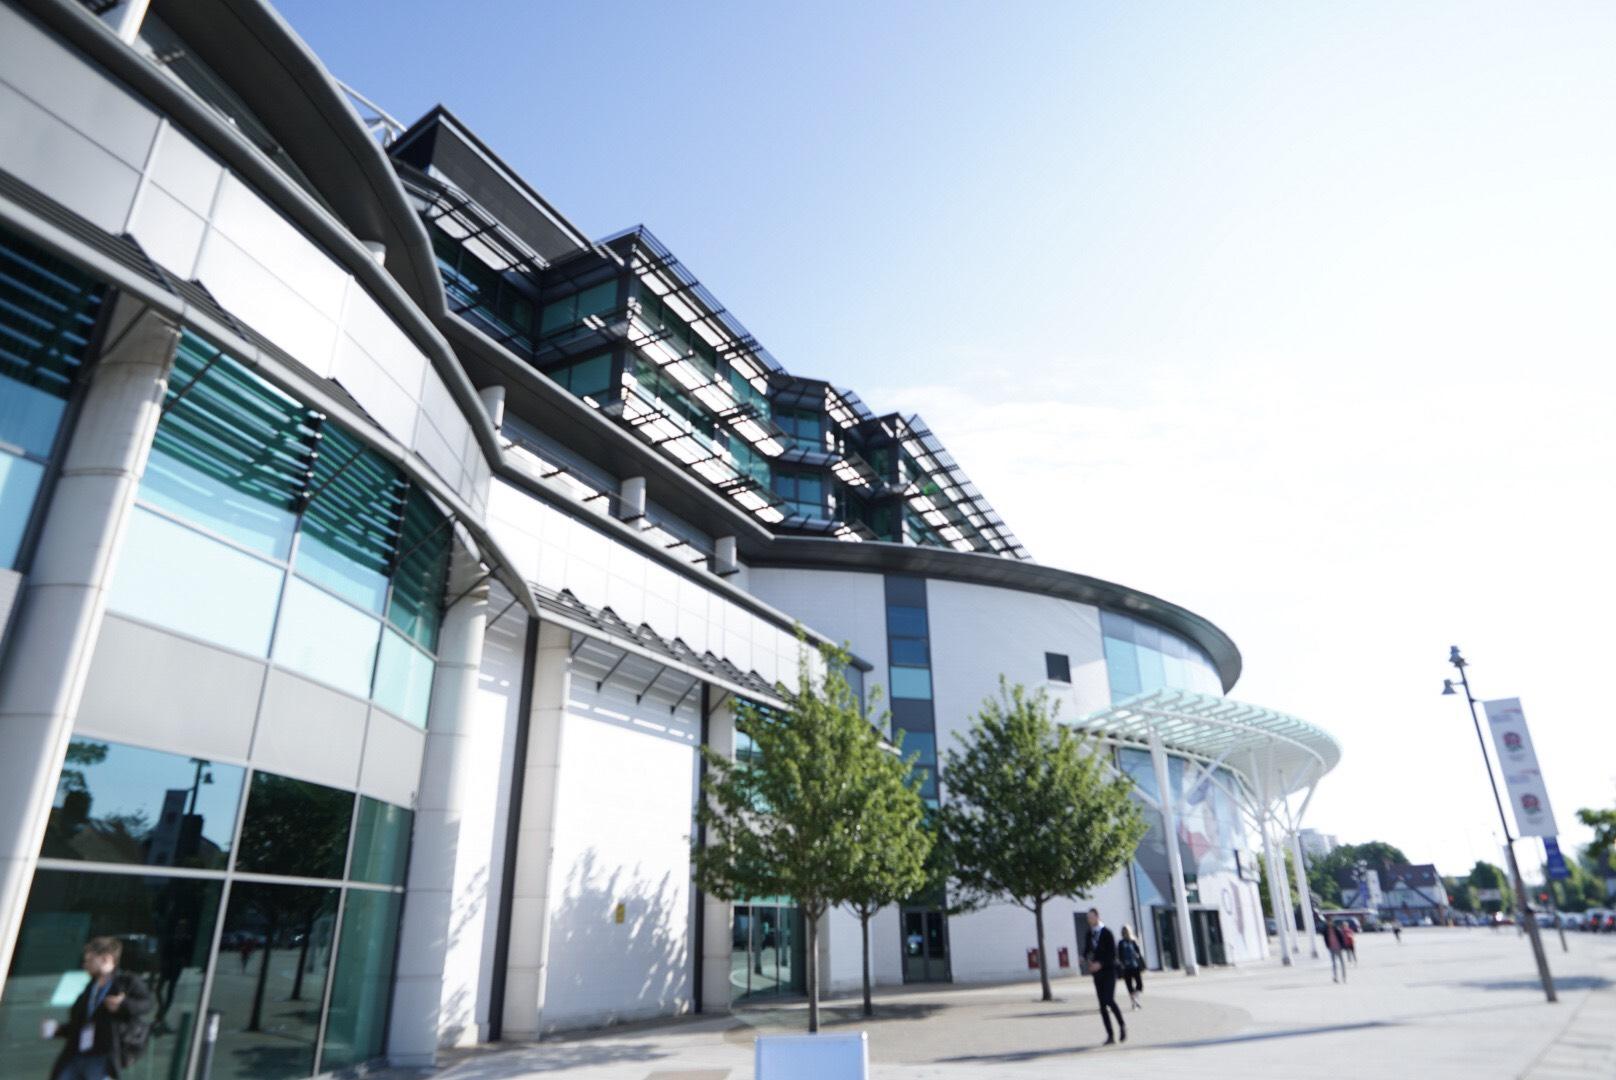 Corporate event photographer at Twickenham Stadium in London